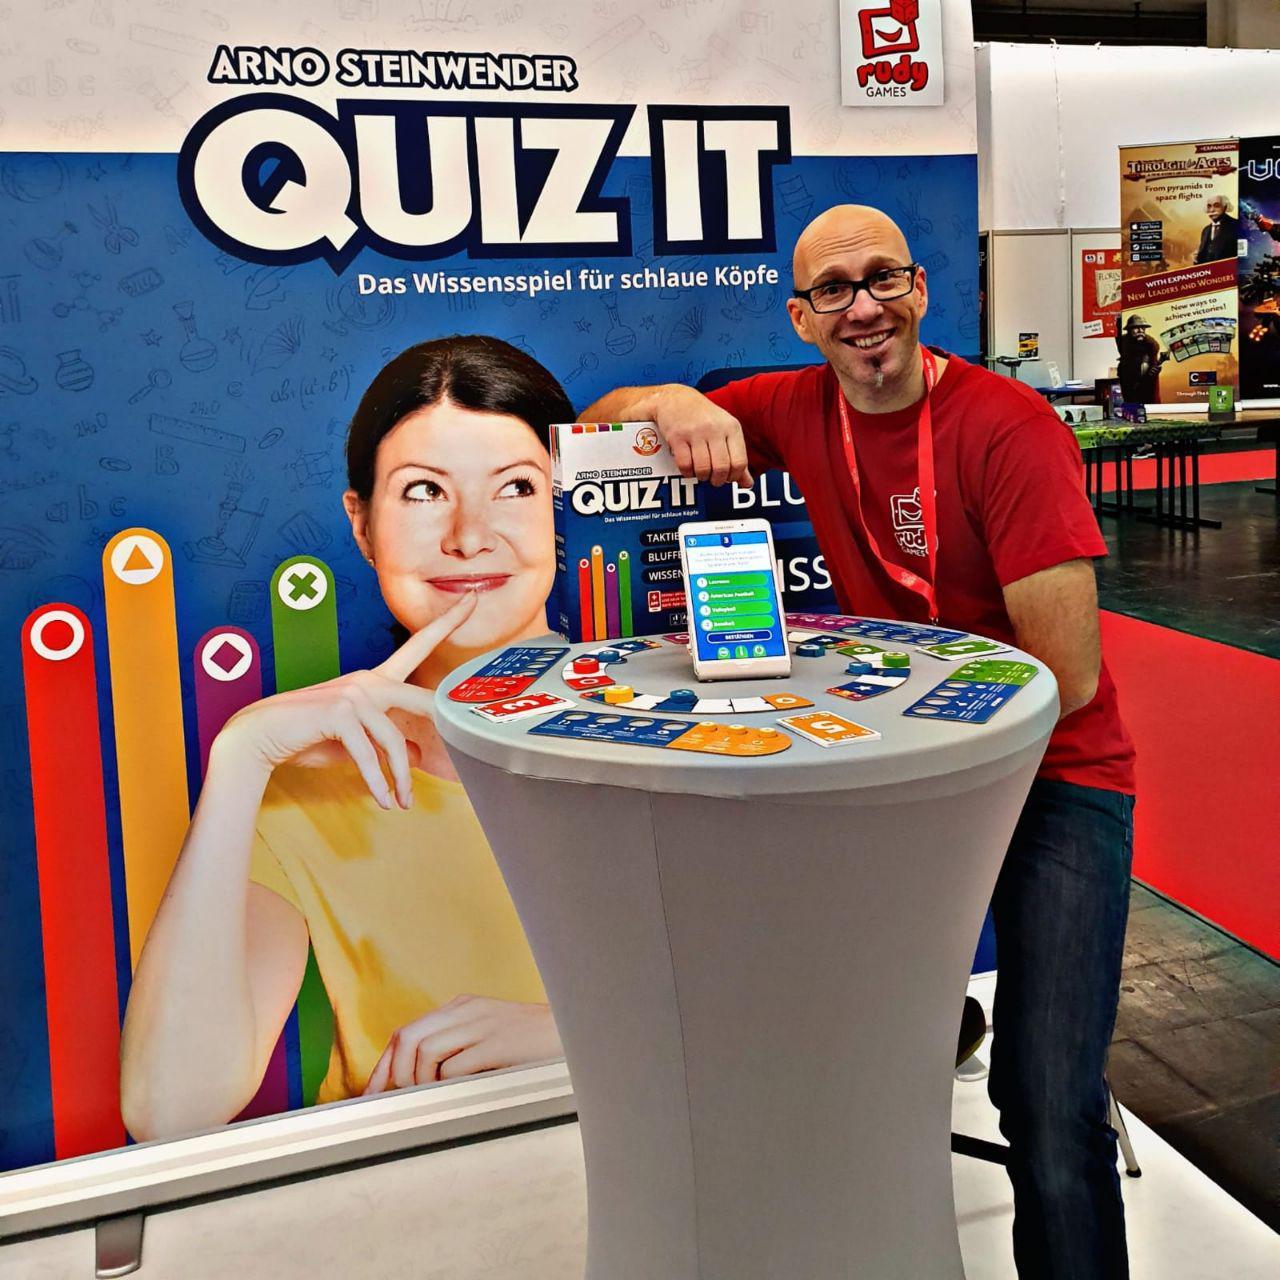 Reini von Rudy Games präsentiert das neue Wissensspiel QUIZ IT